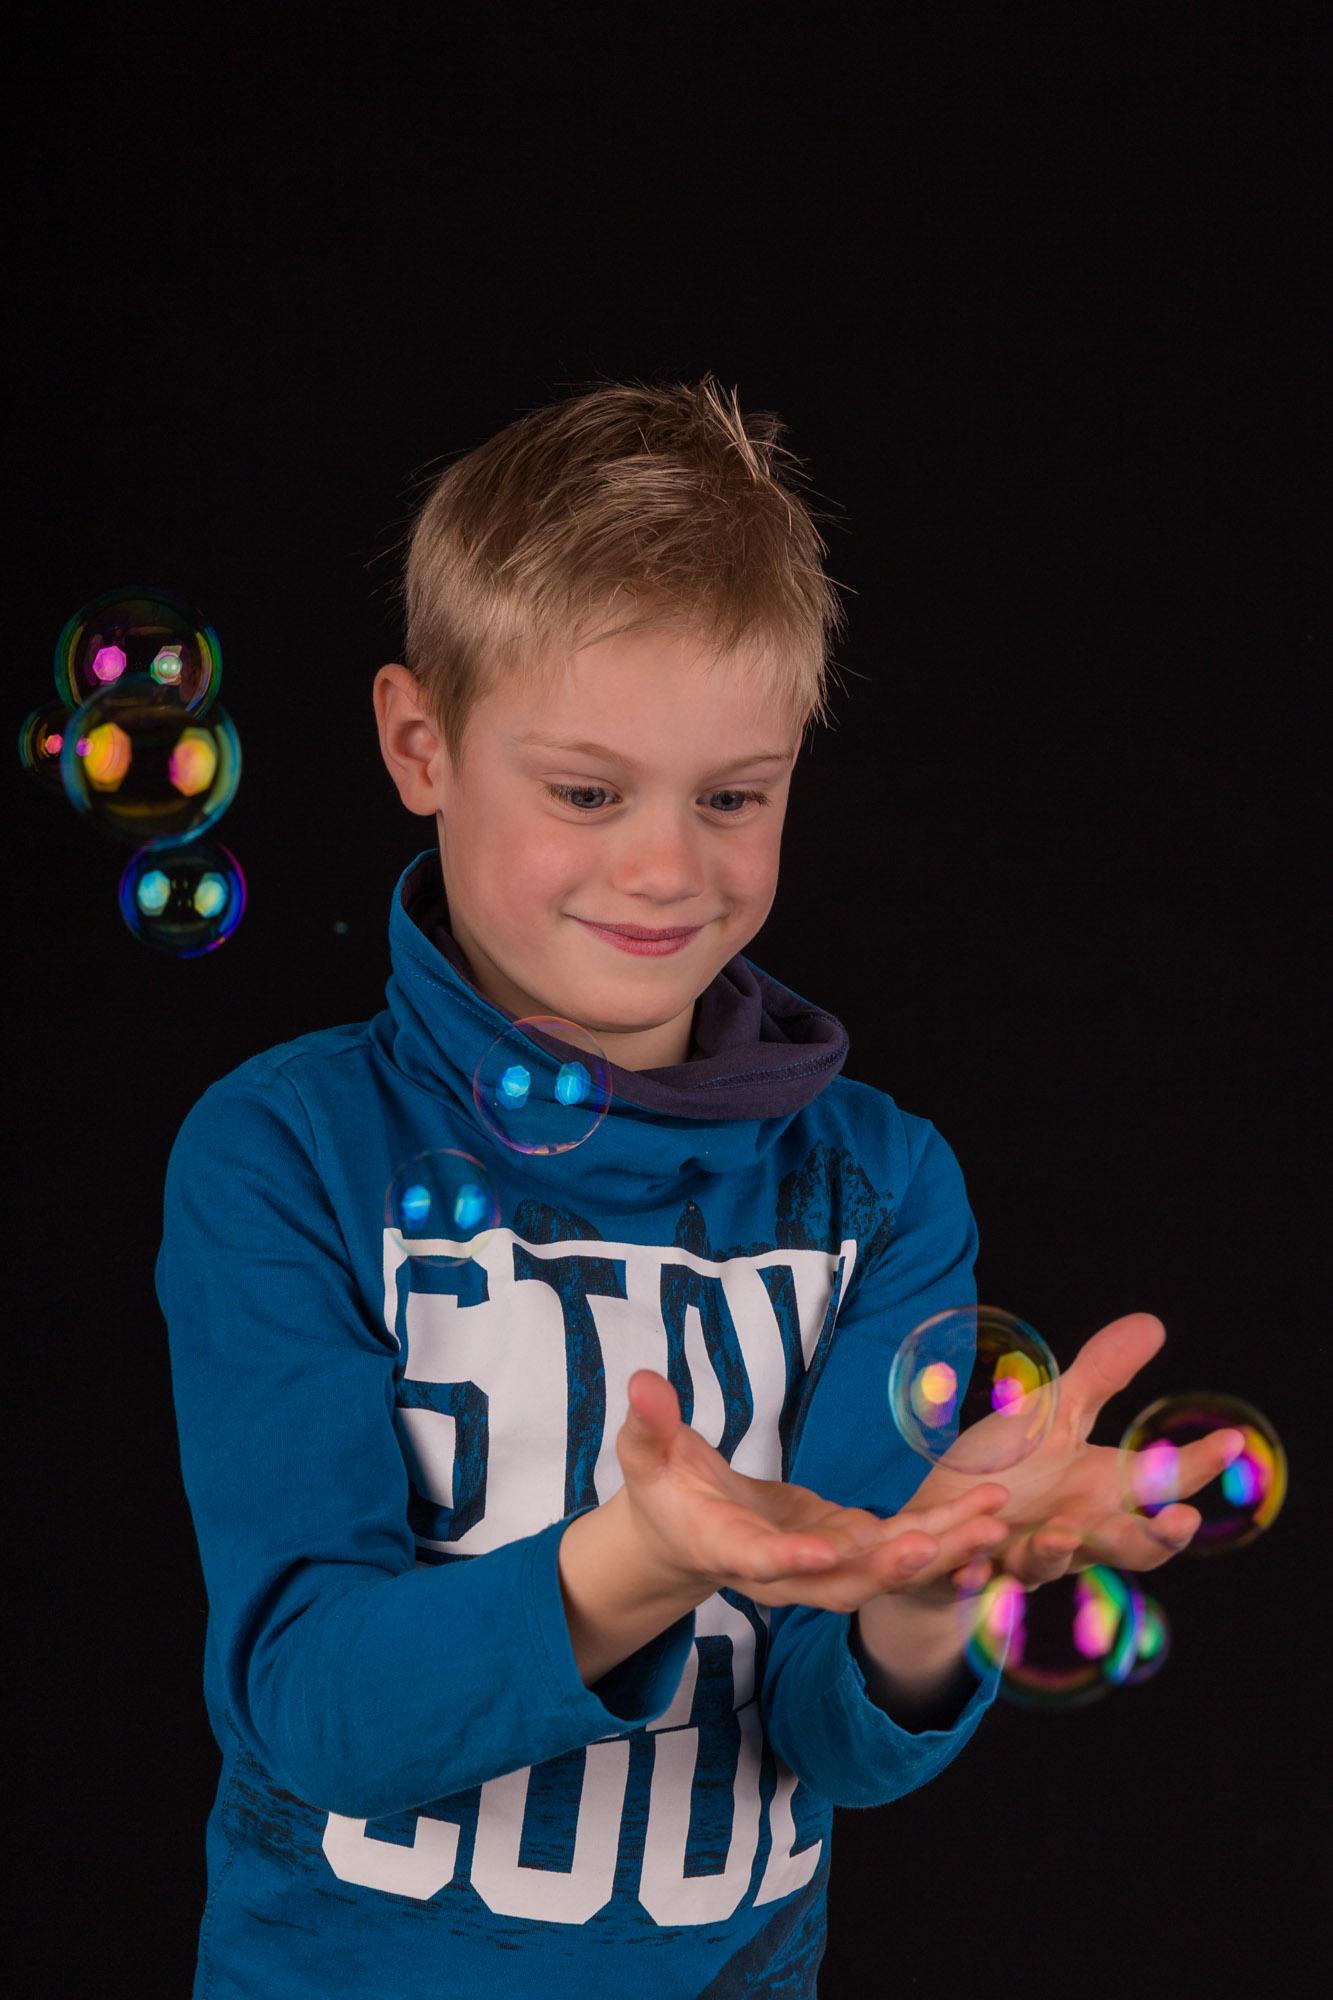 studio foto van blonde jongen met blauw shirt en bellenblaas door mayrafotografie